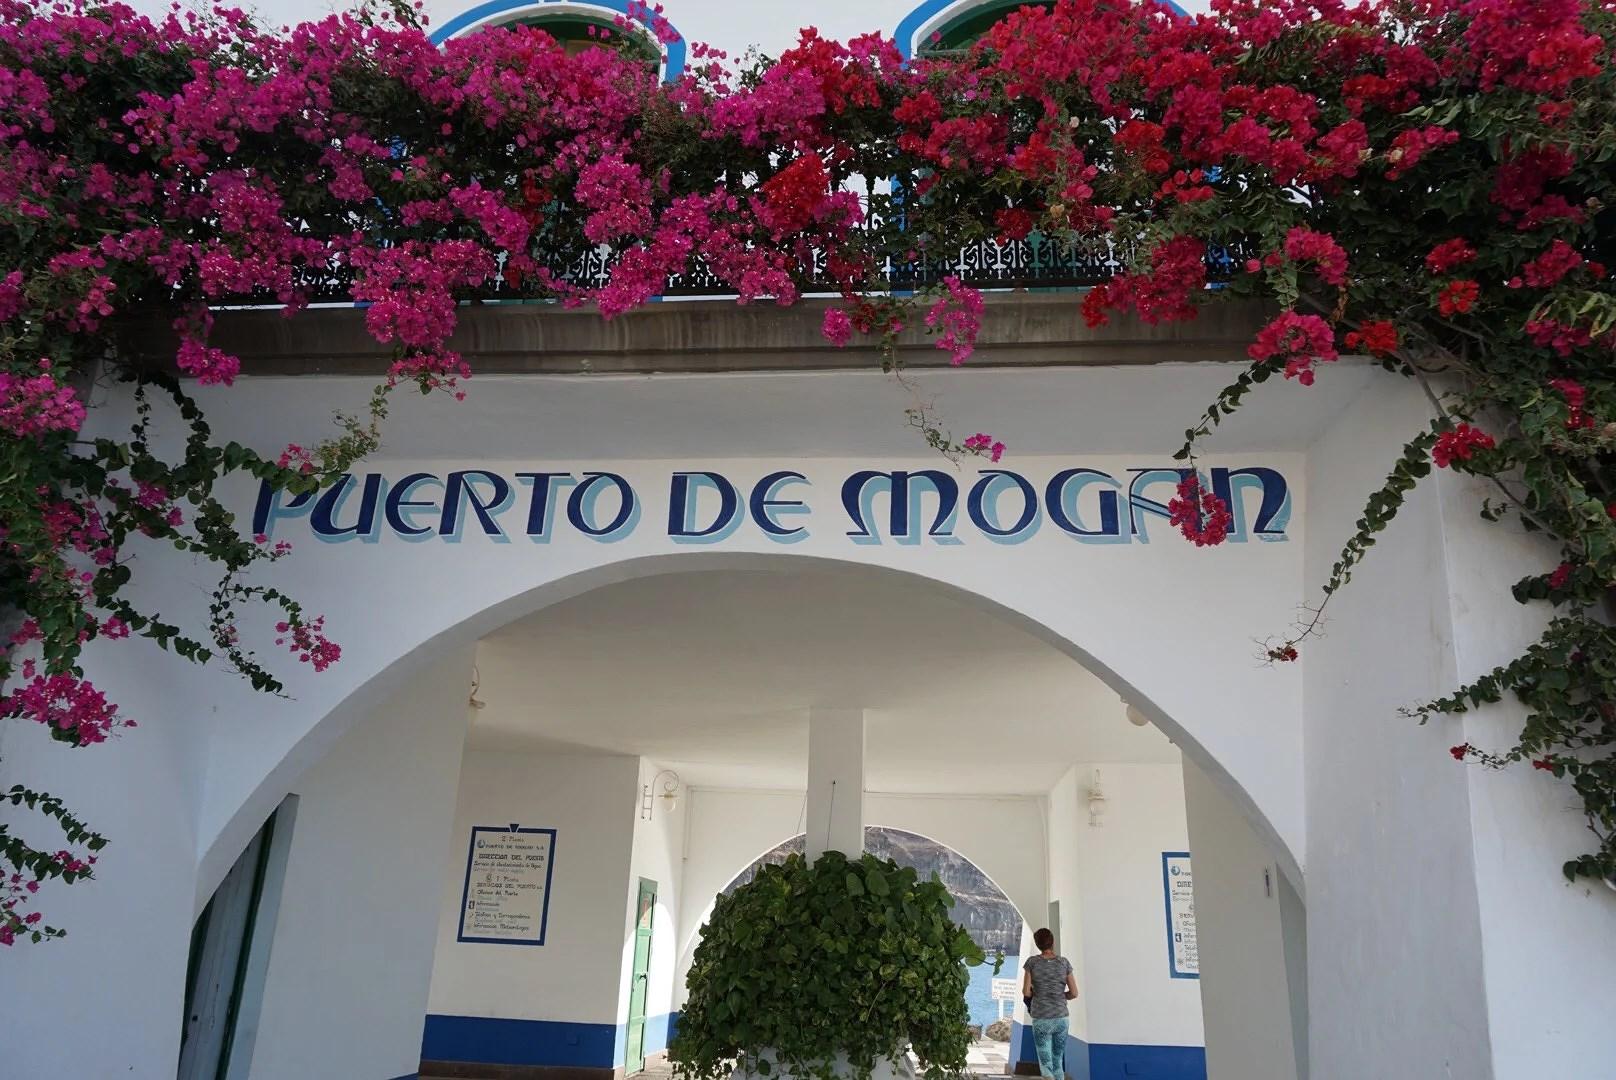 Båttur till Puerto de Mogán